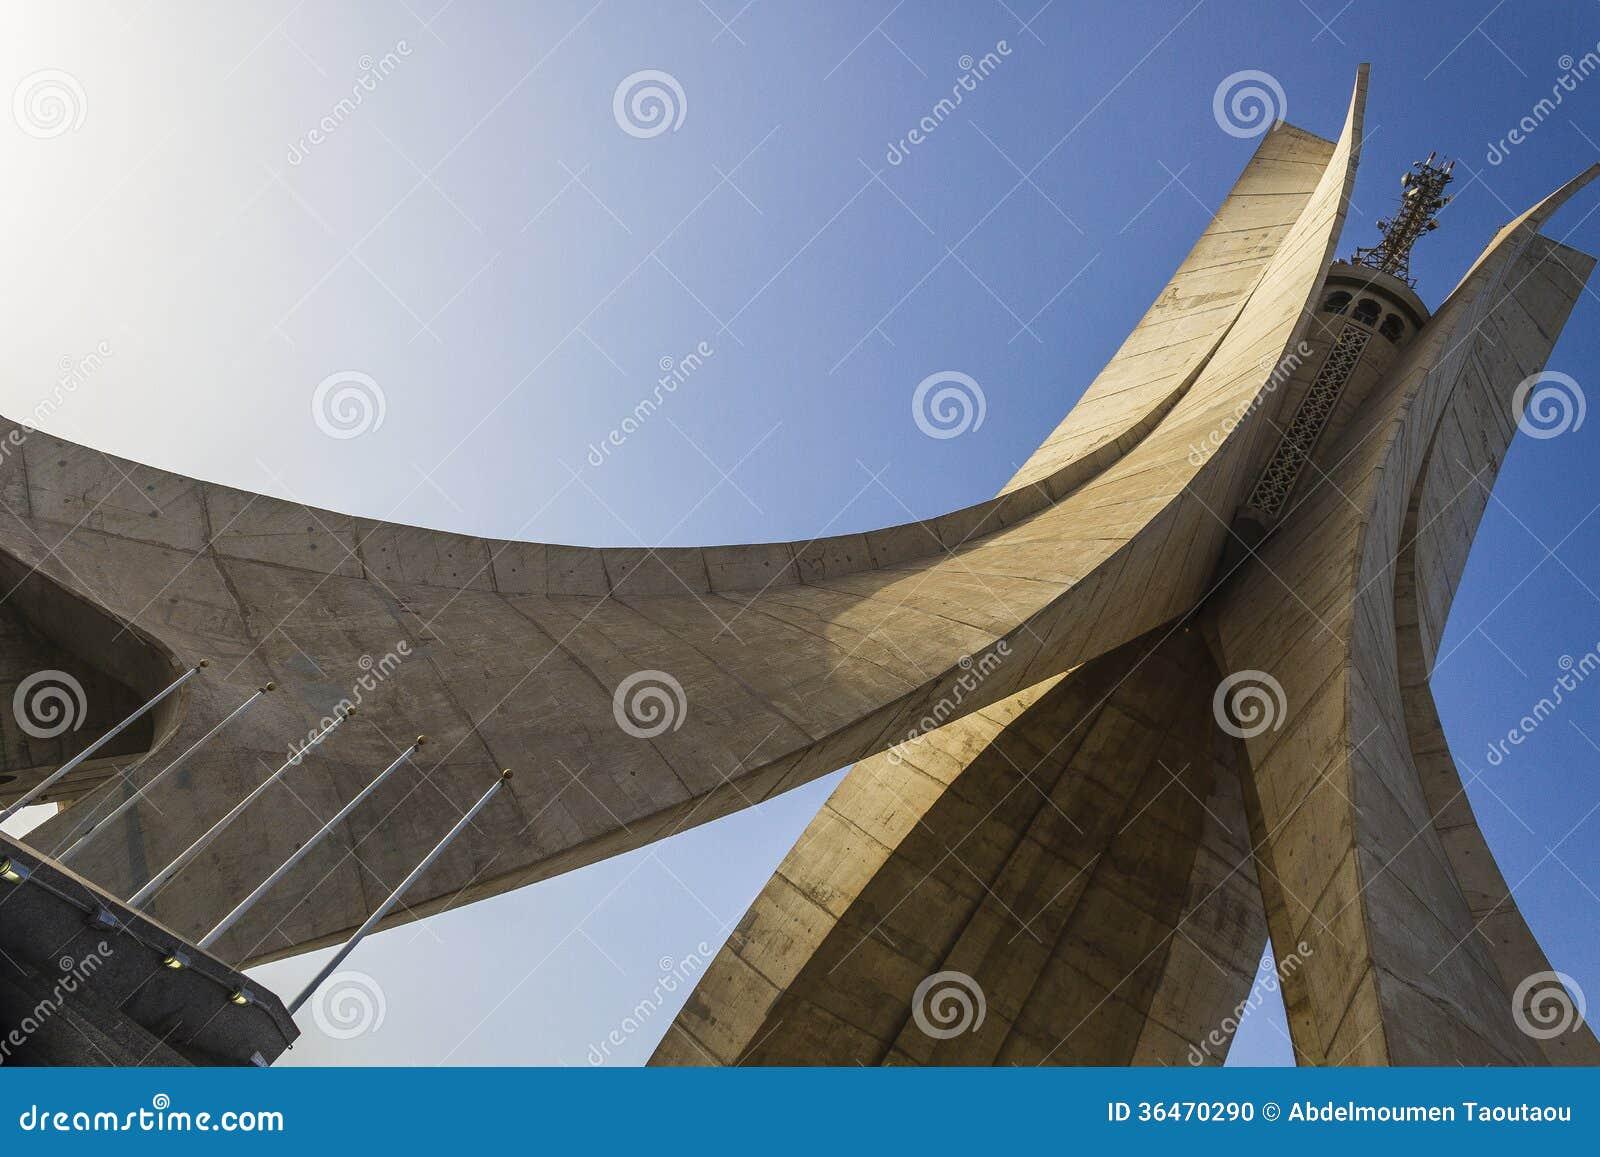 Algerias-Monument